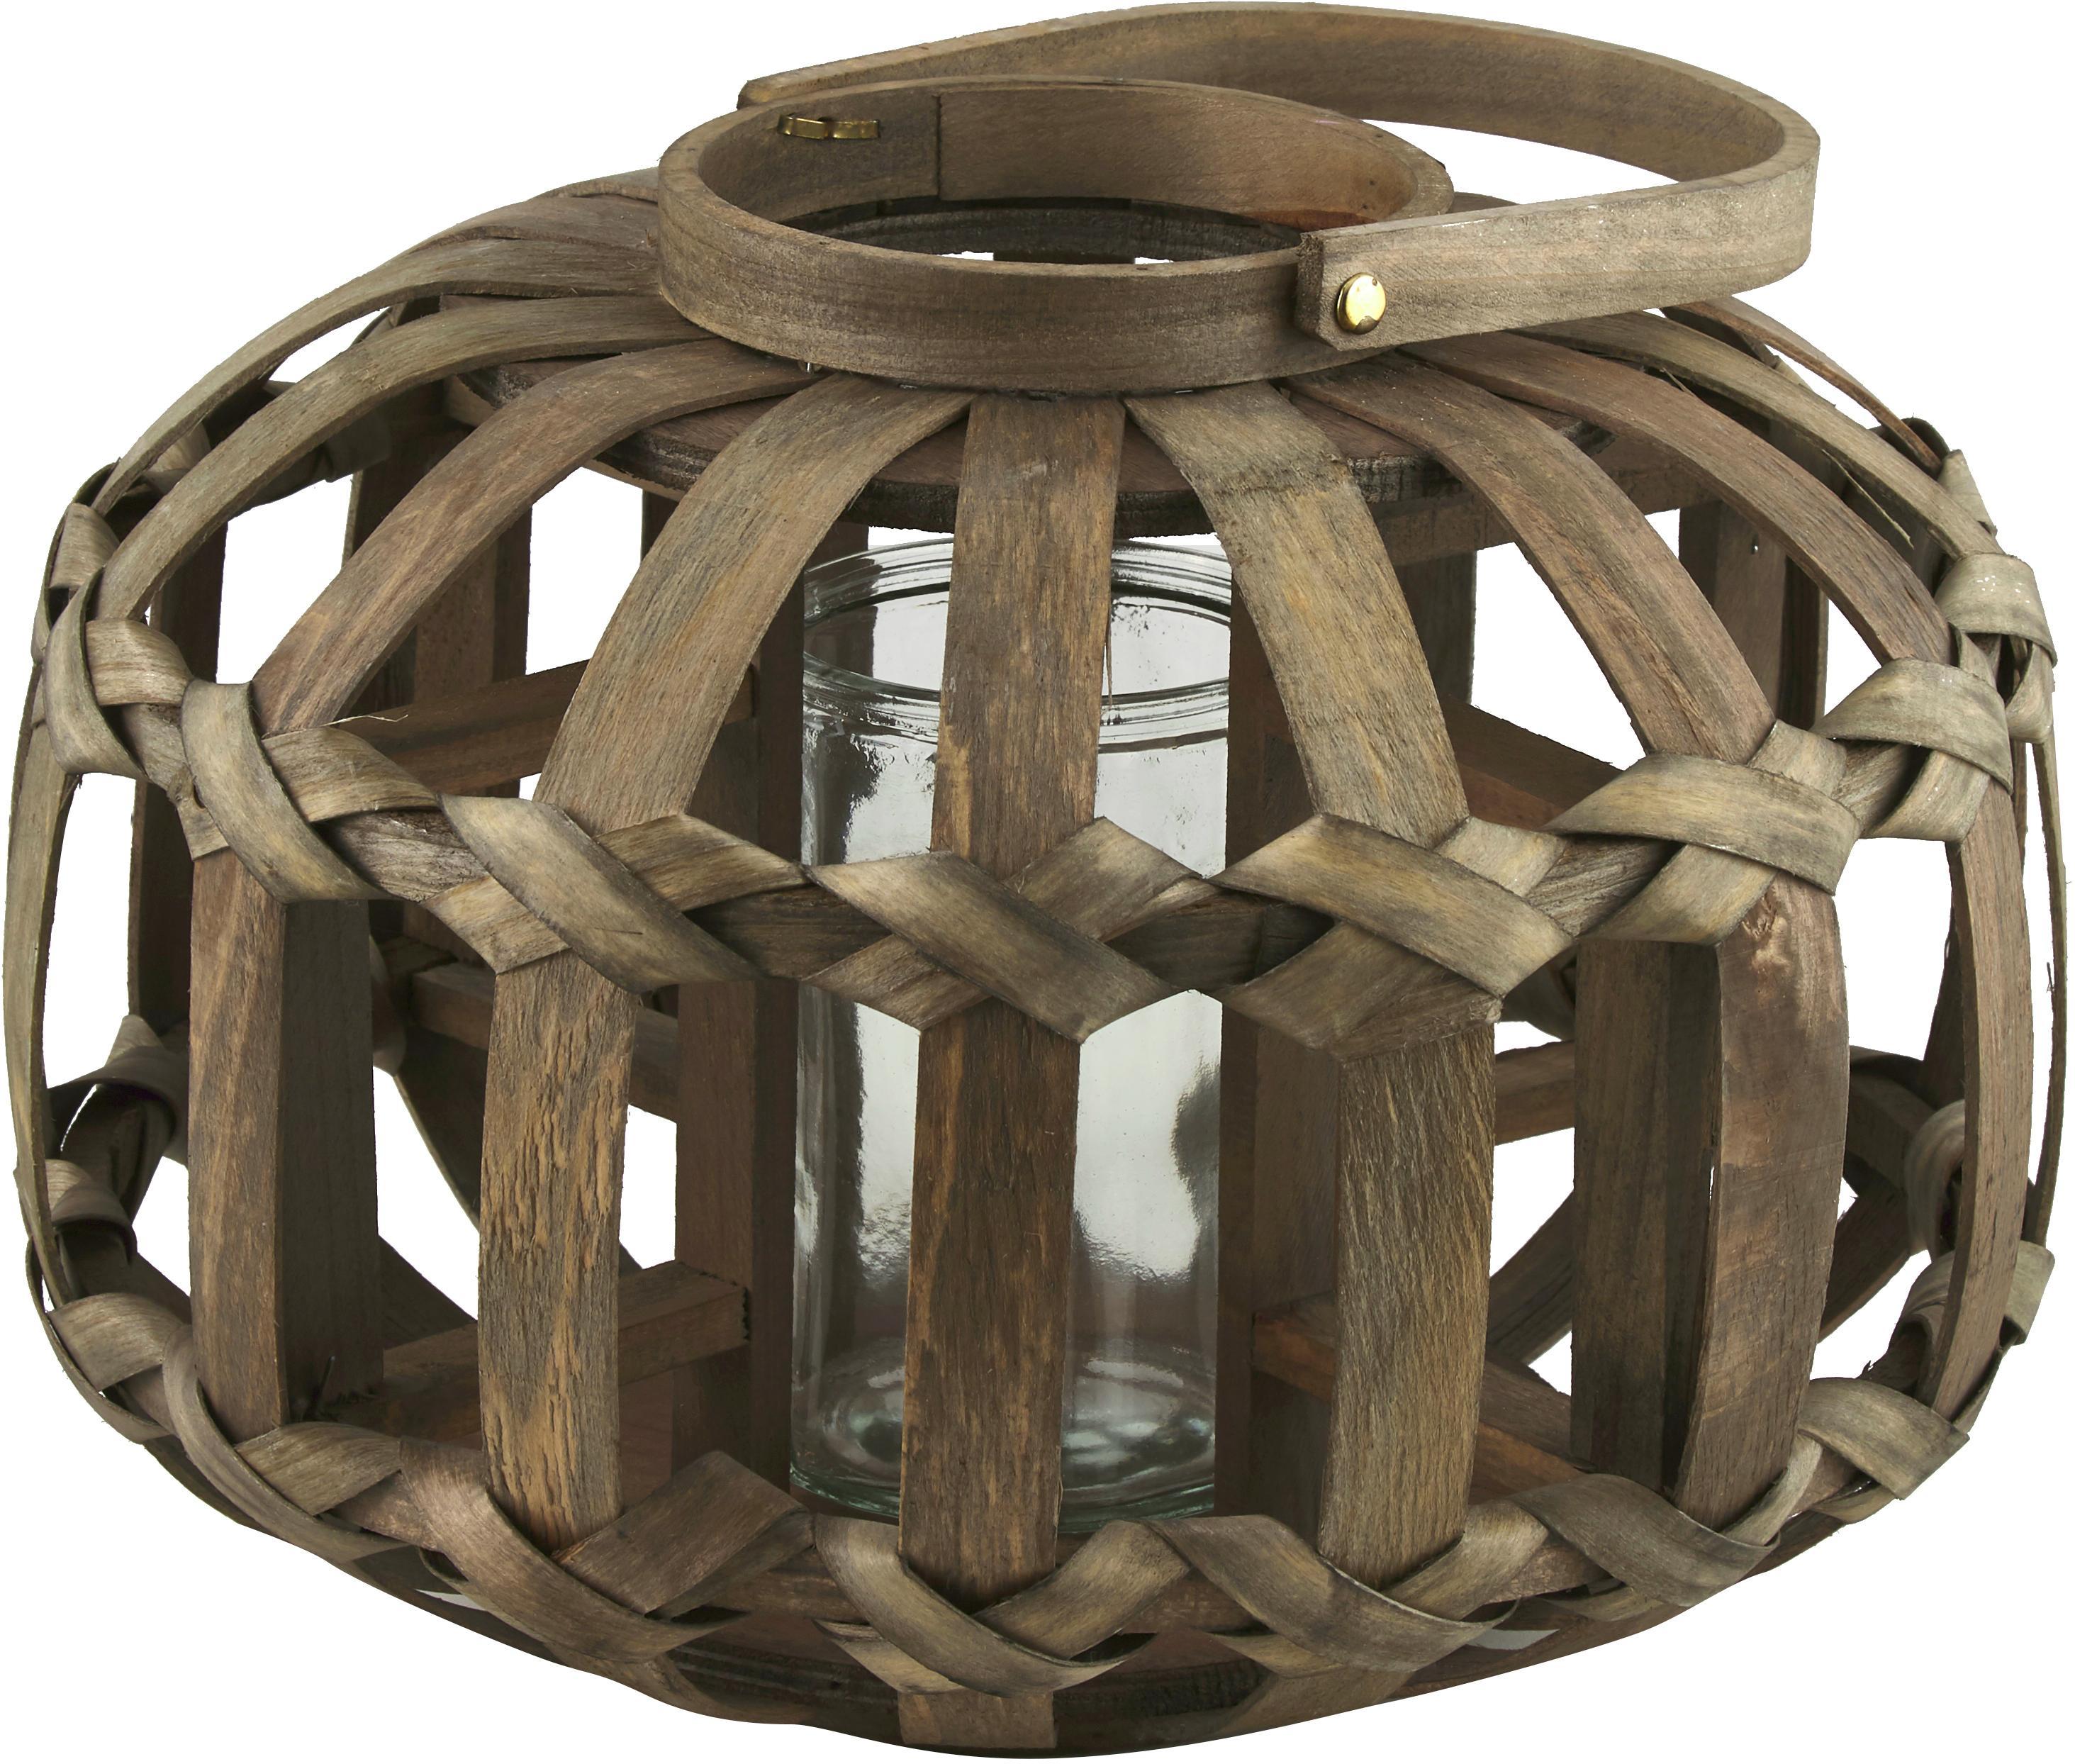 Windlicht Knots, Braun, Ø 33 x H 26 cm